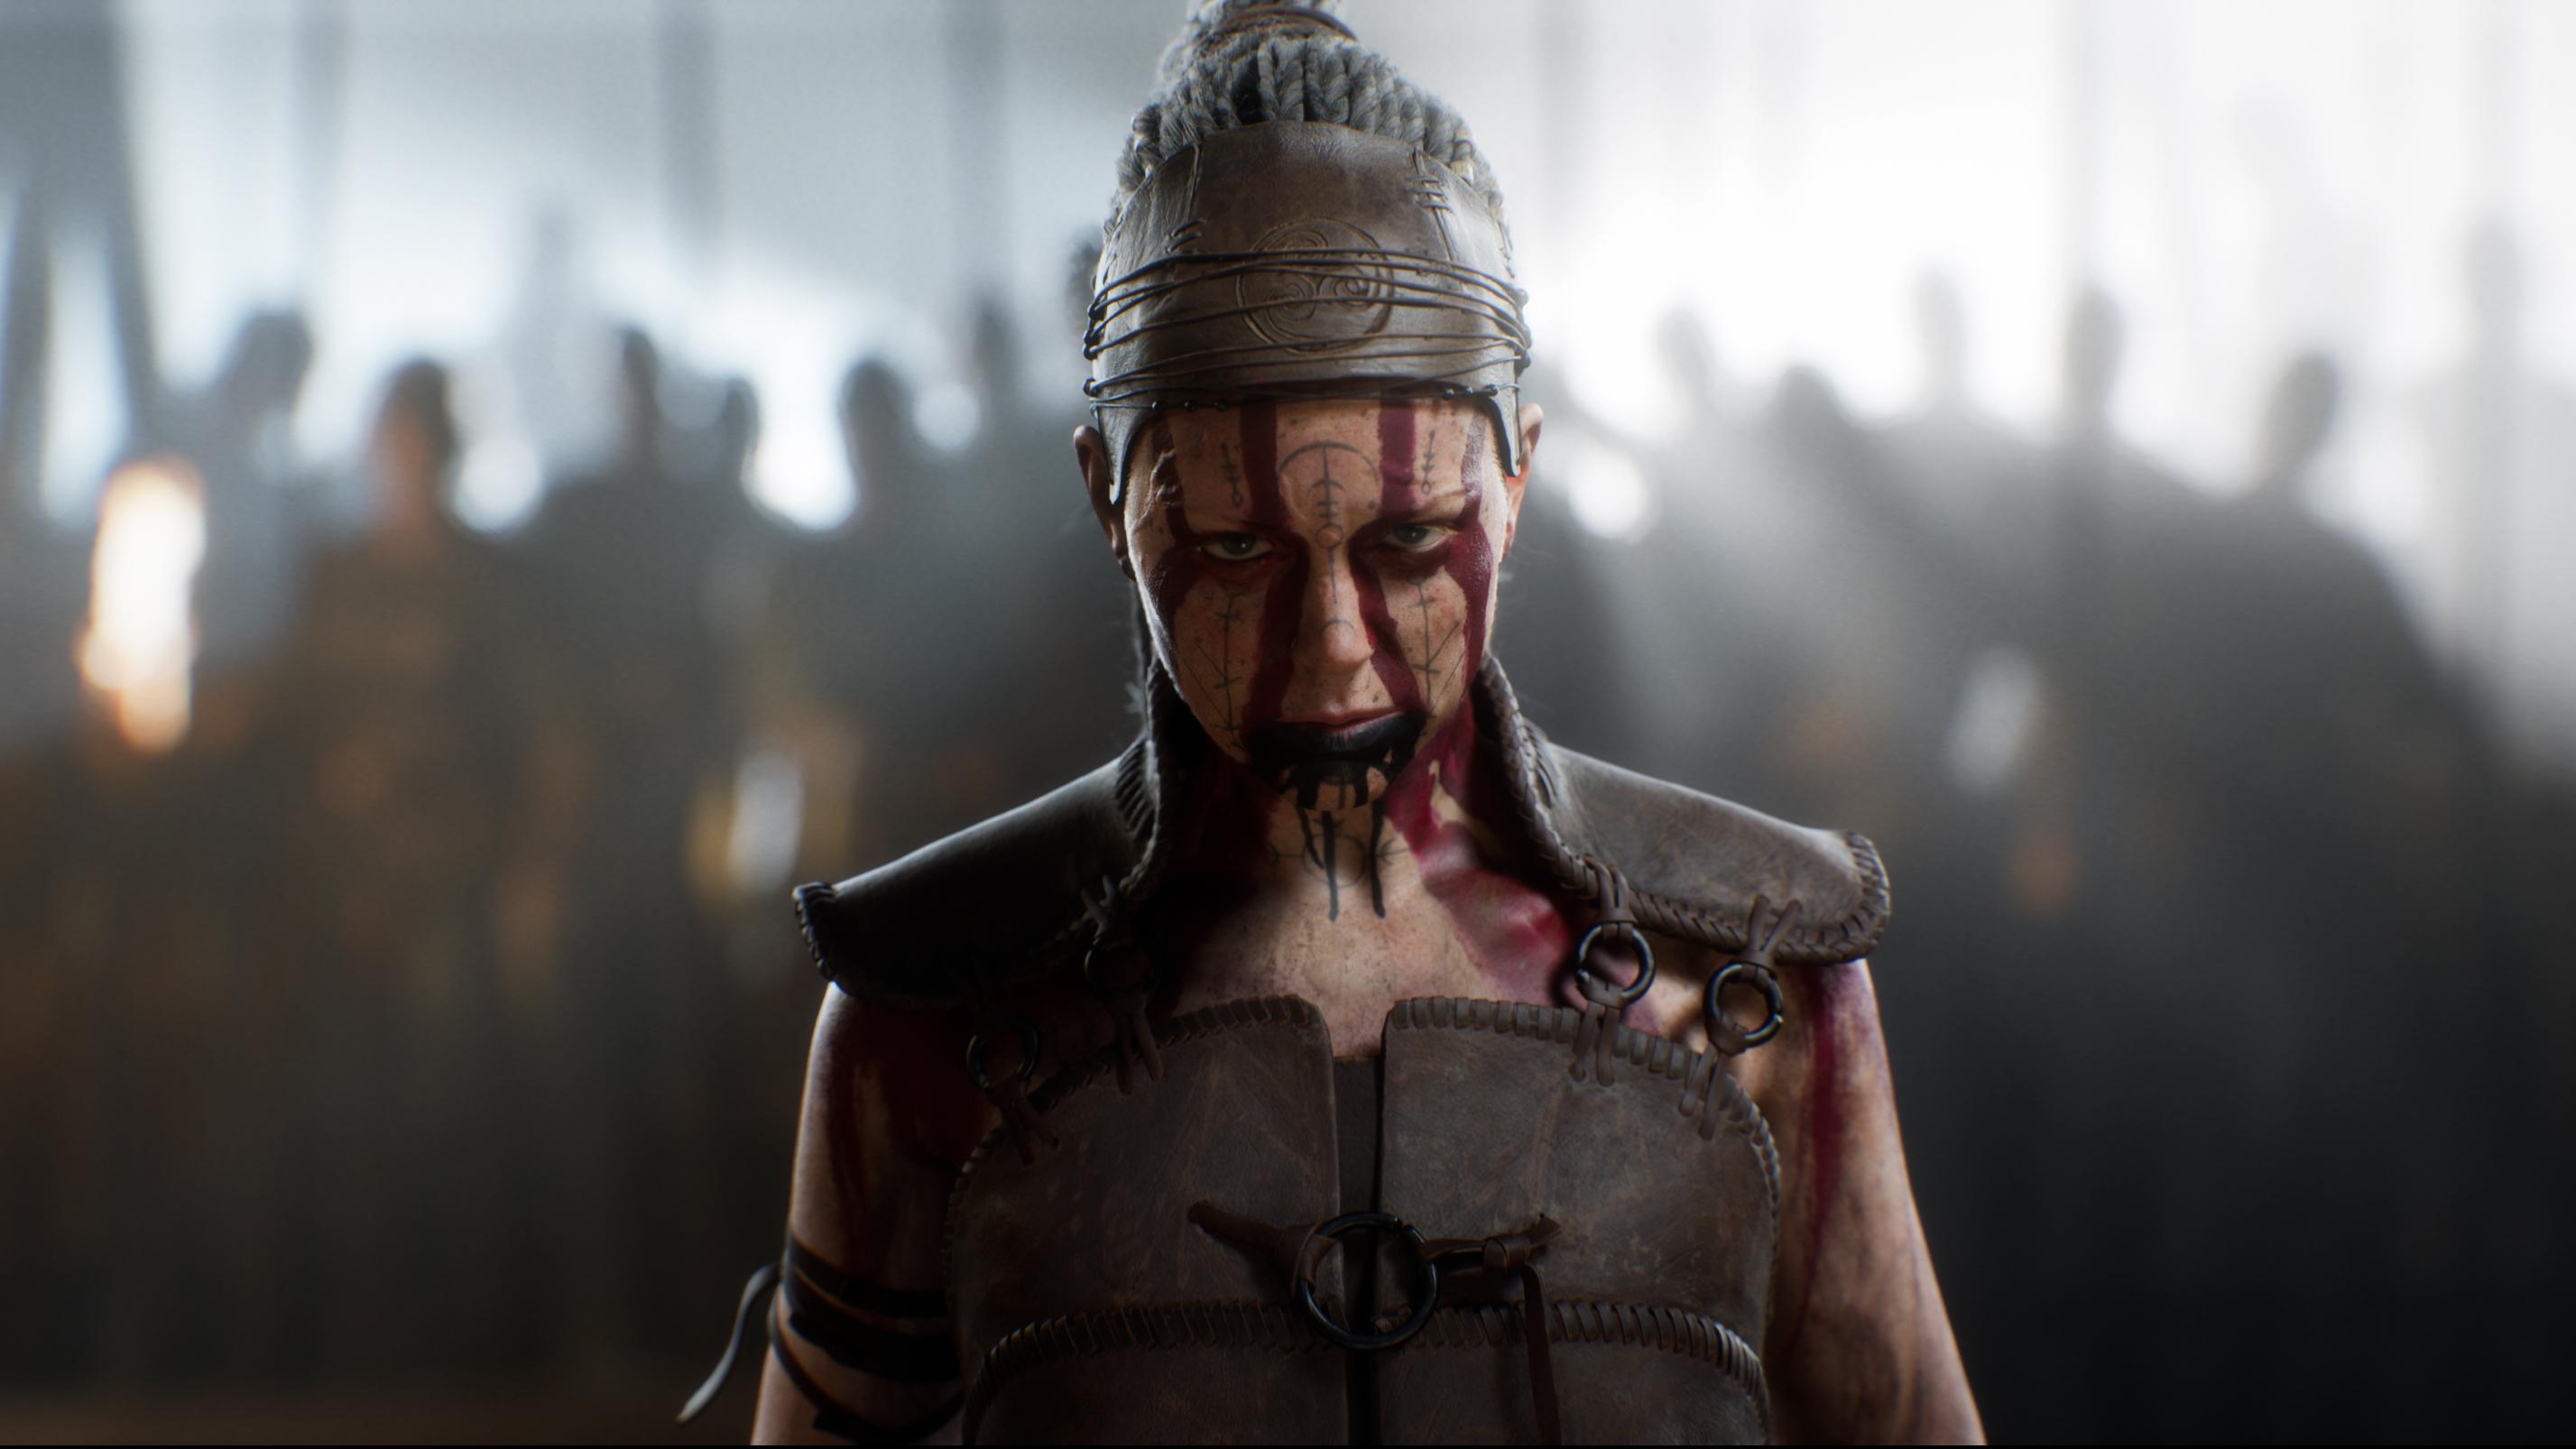 《地狱之刃2》开发者展示高精度材质 燃烧皮革并将其进行高保真扫描